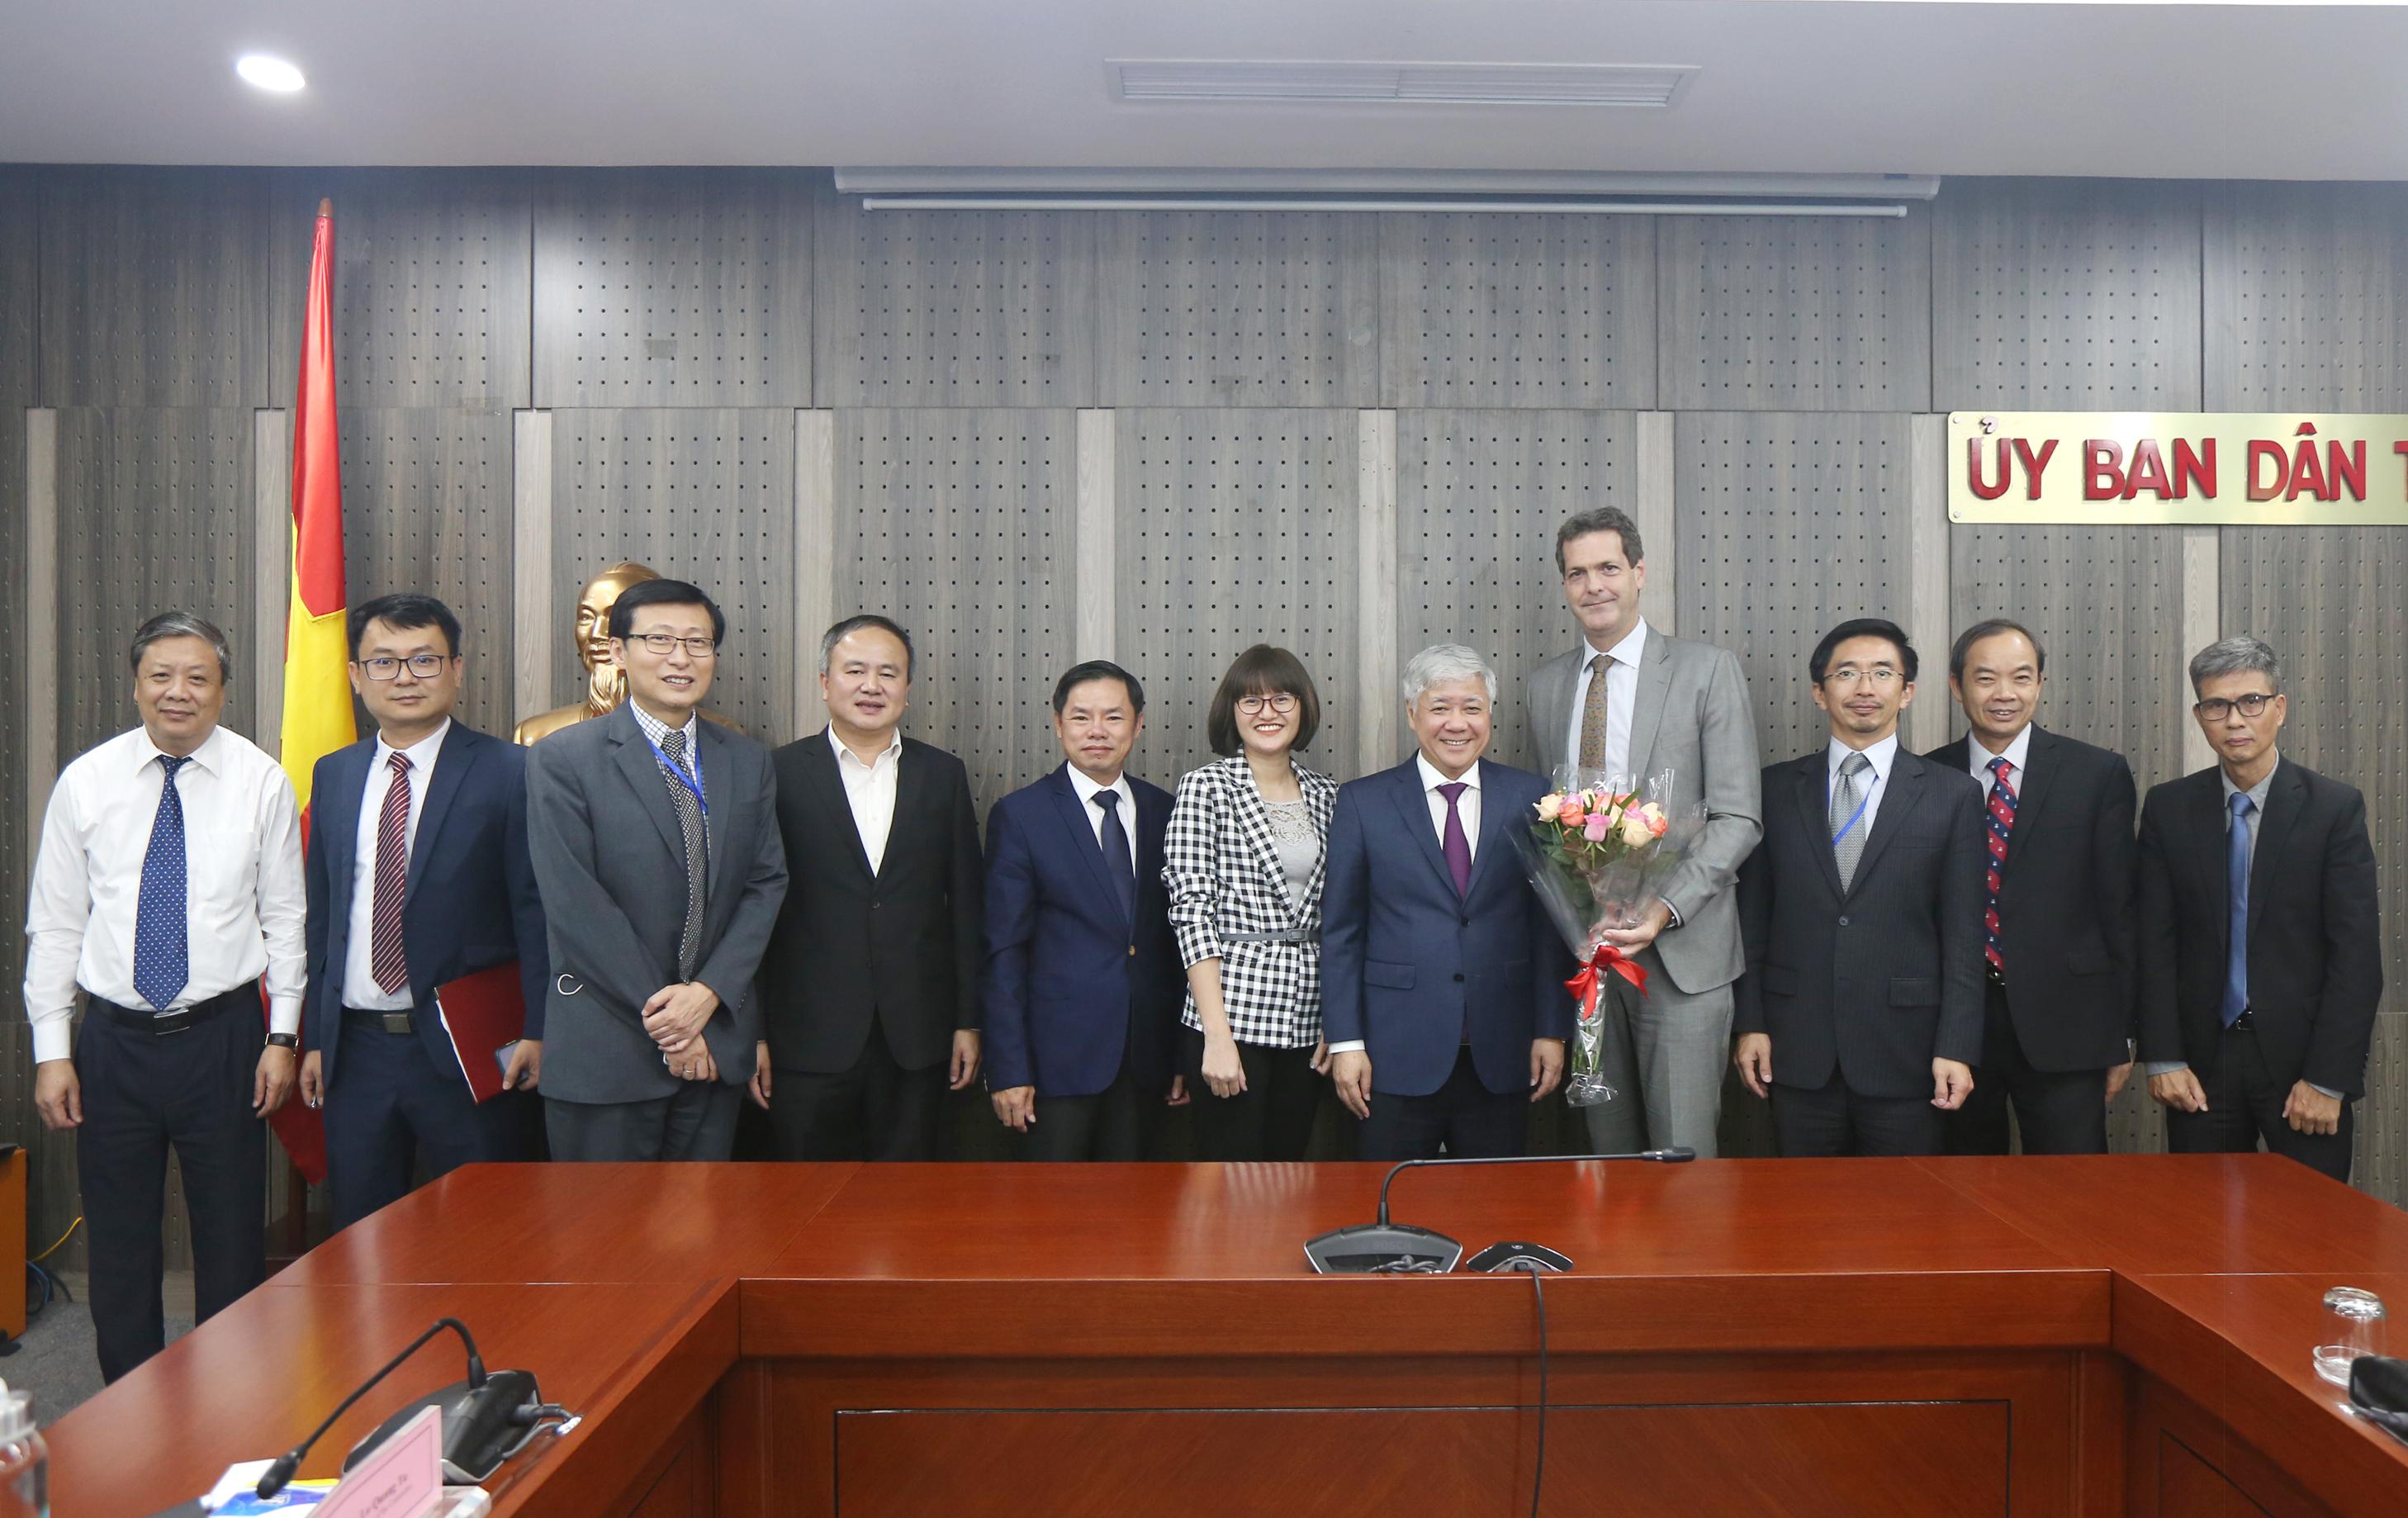 Bộ trưởng, Chủ nhiệm UBDT Đỗ Văn Chiến; ngài Andrew Jeffries, Giám đốc Quốc gia Ngân hàng ADB tại Việt Nam và các đại biểu chụp ảnh lưu niệm